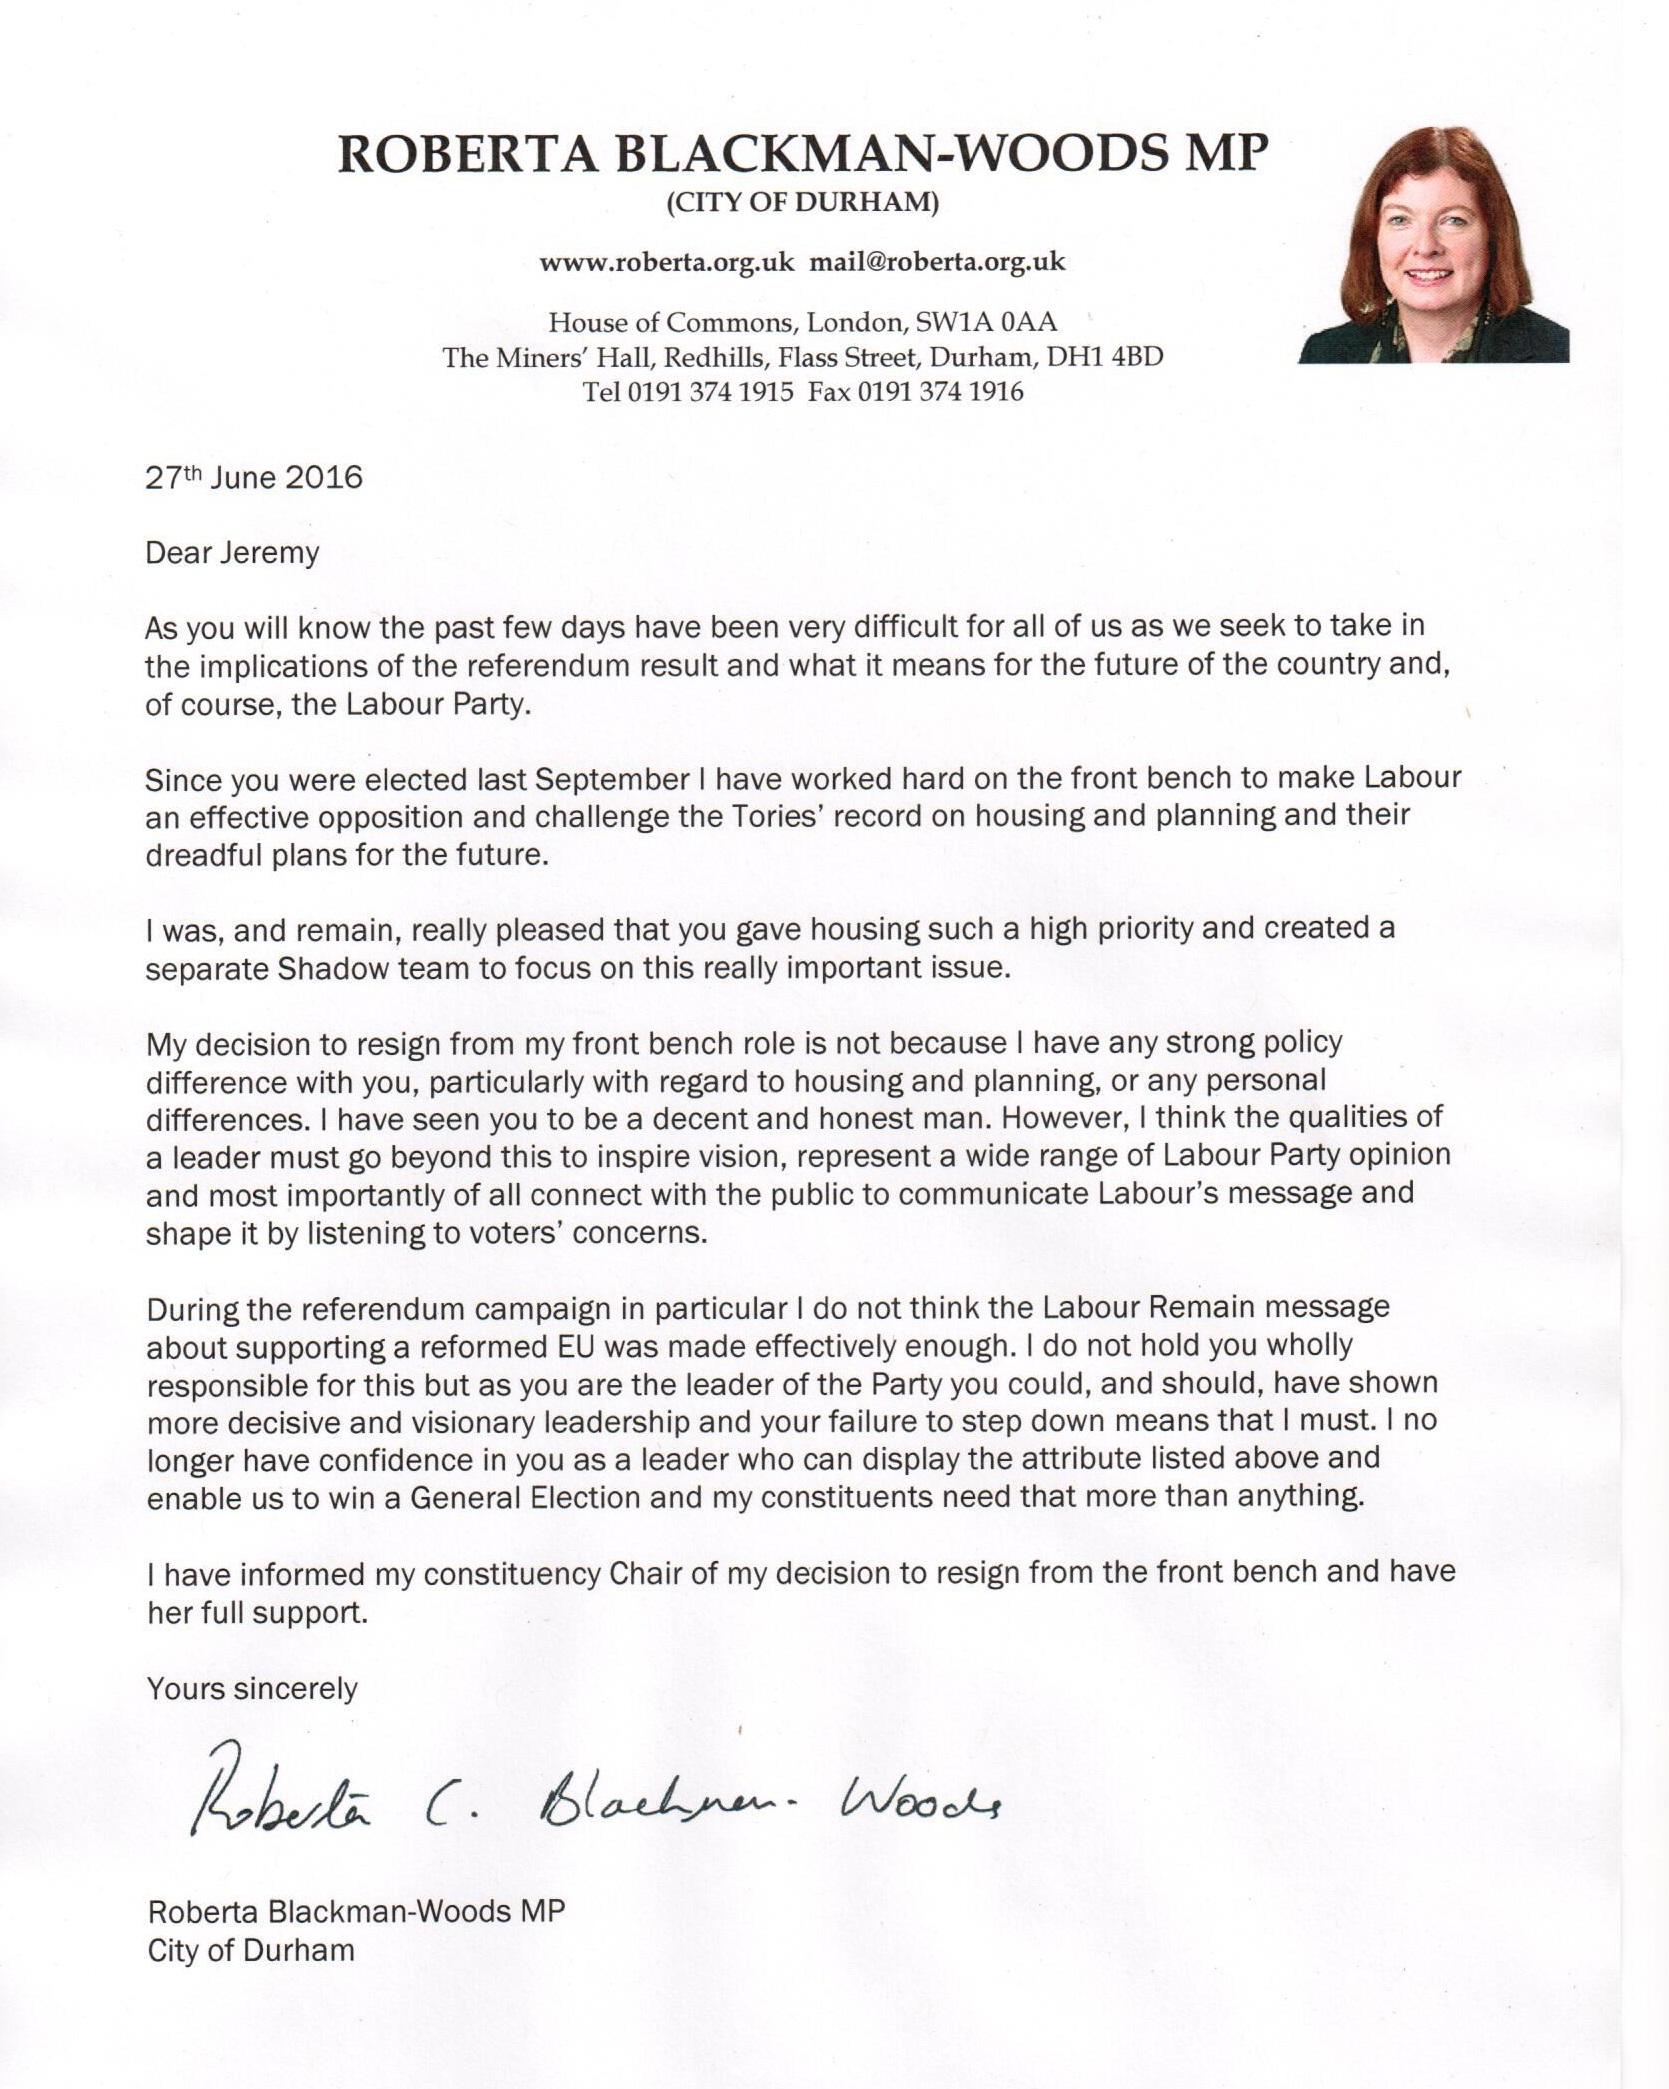 Letter_to_Jeremy.jpg